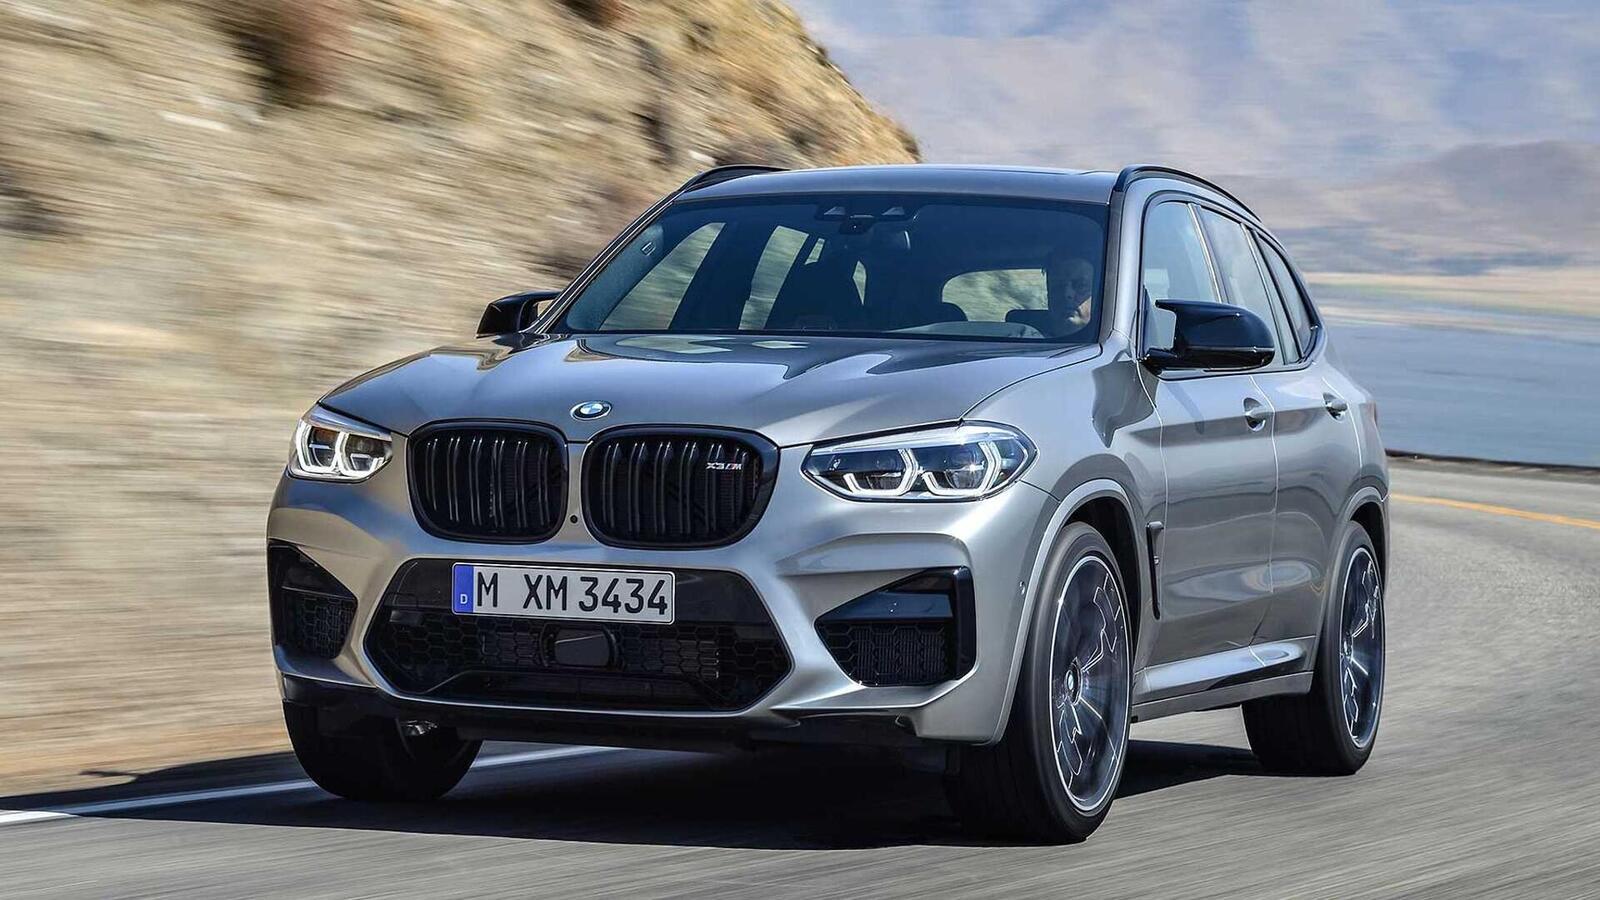 BMW X3 M và X4 M 2020 chính thức ra mắt: Mang trong mình sức mạnh từ 473 - 503 mã lực - Hình 2